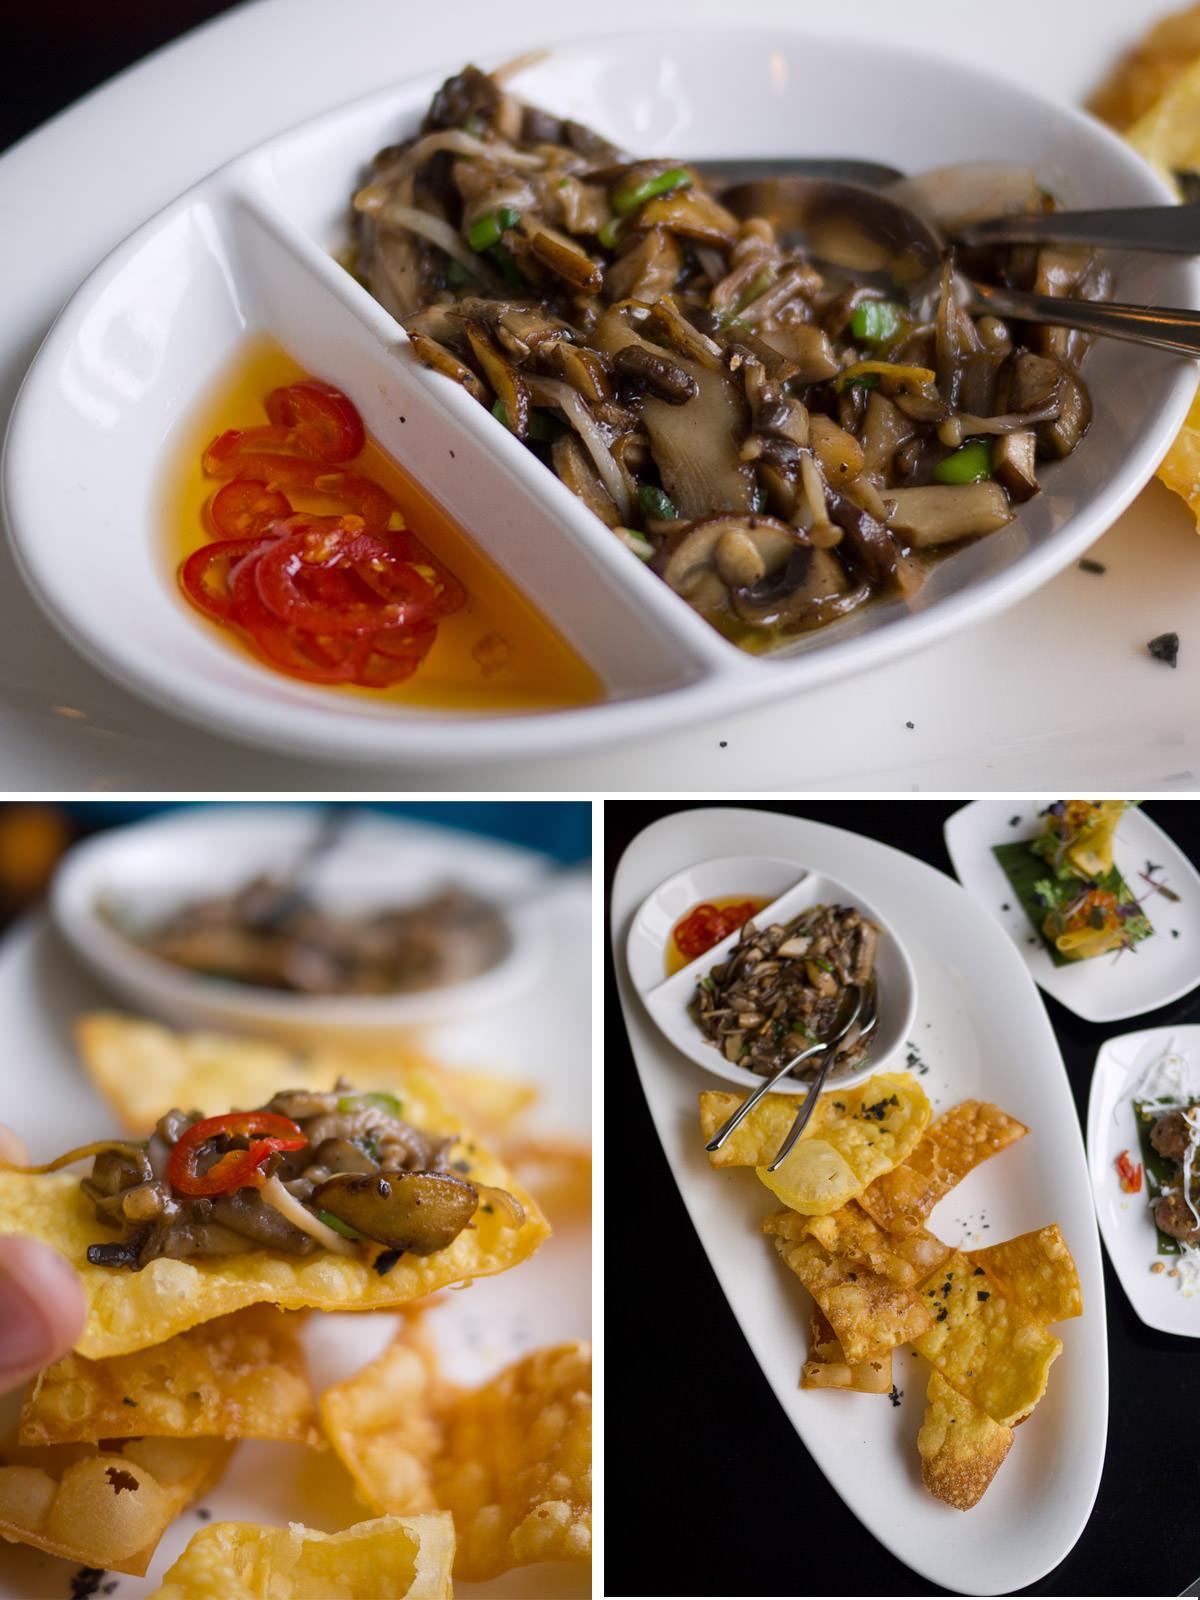 Wild mushroom, truffle and wonton chips